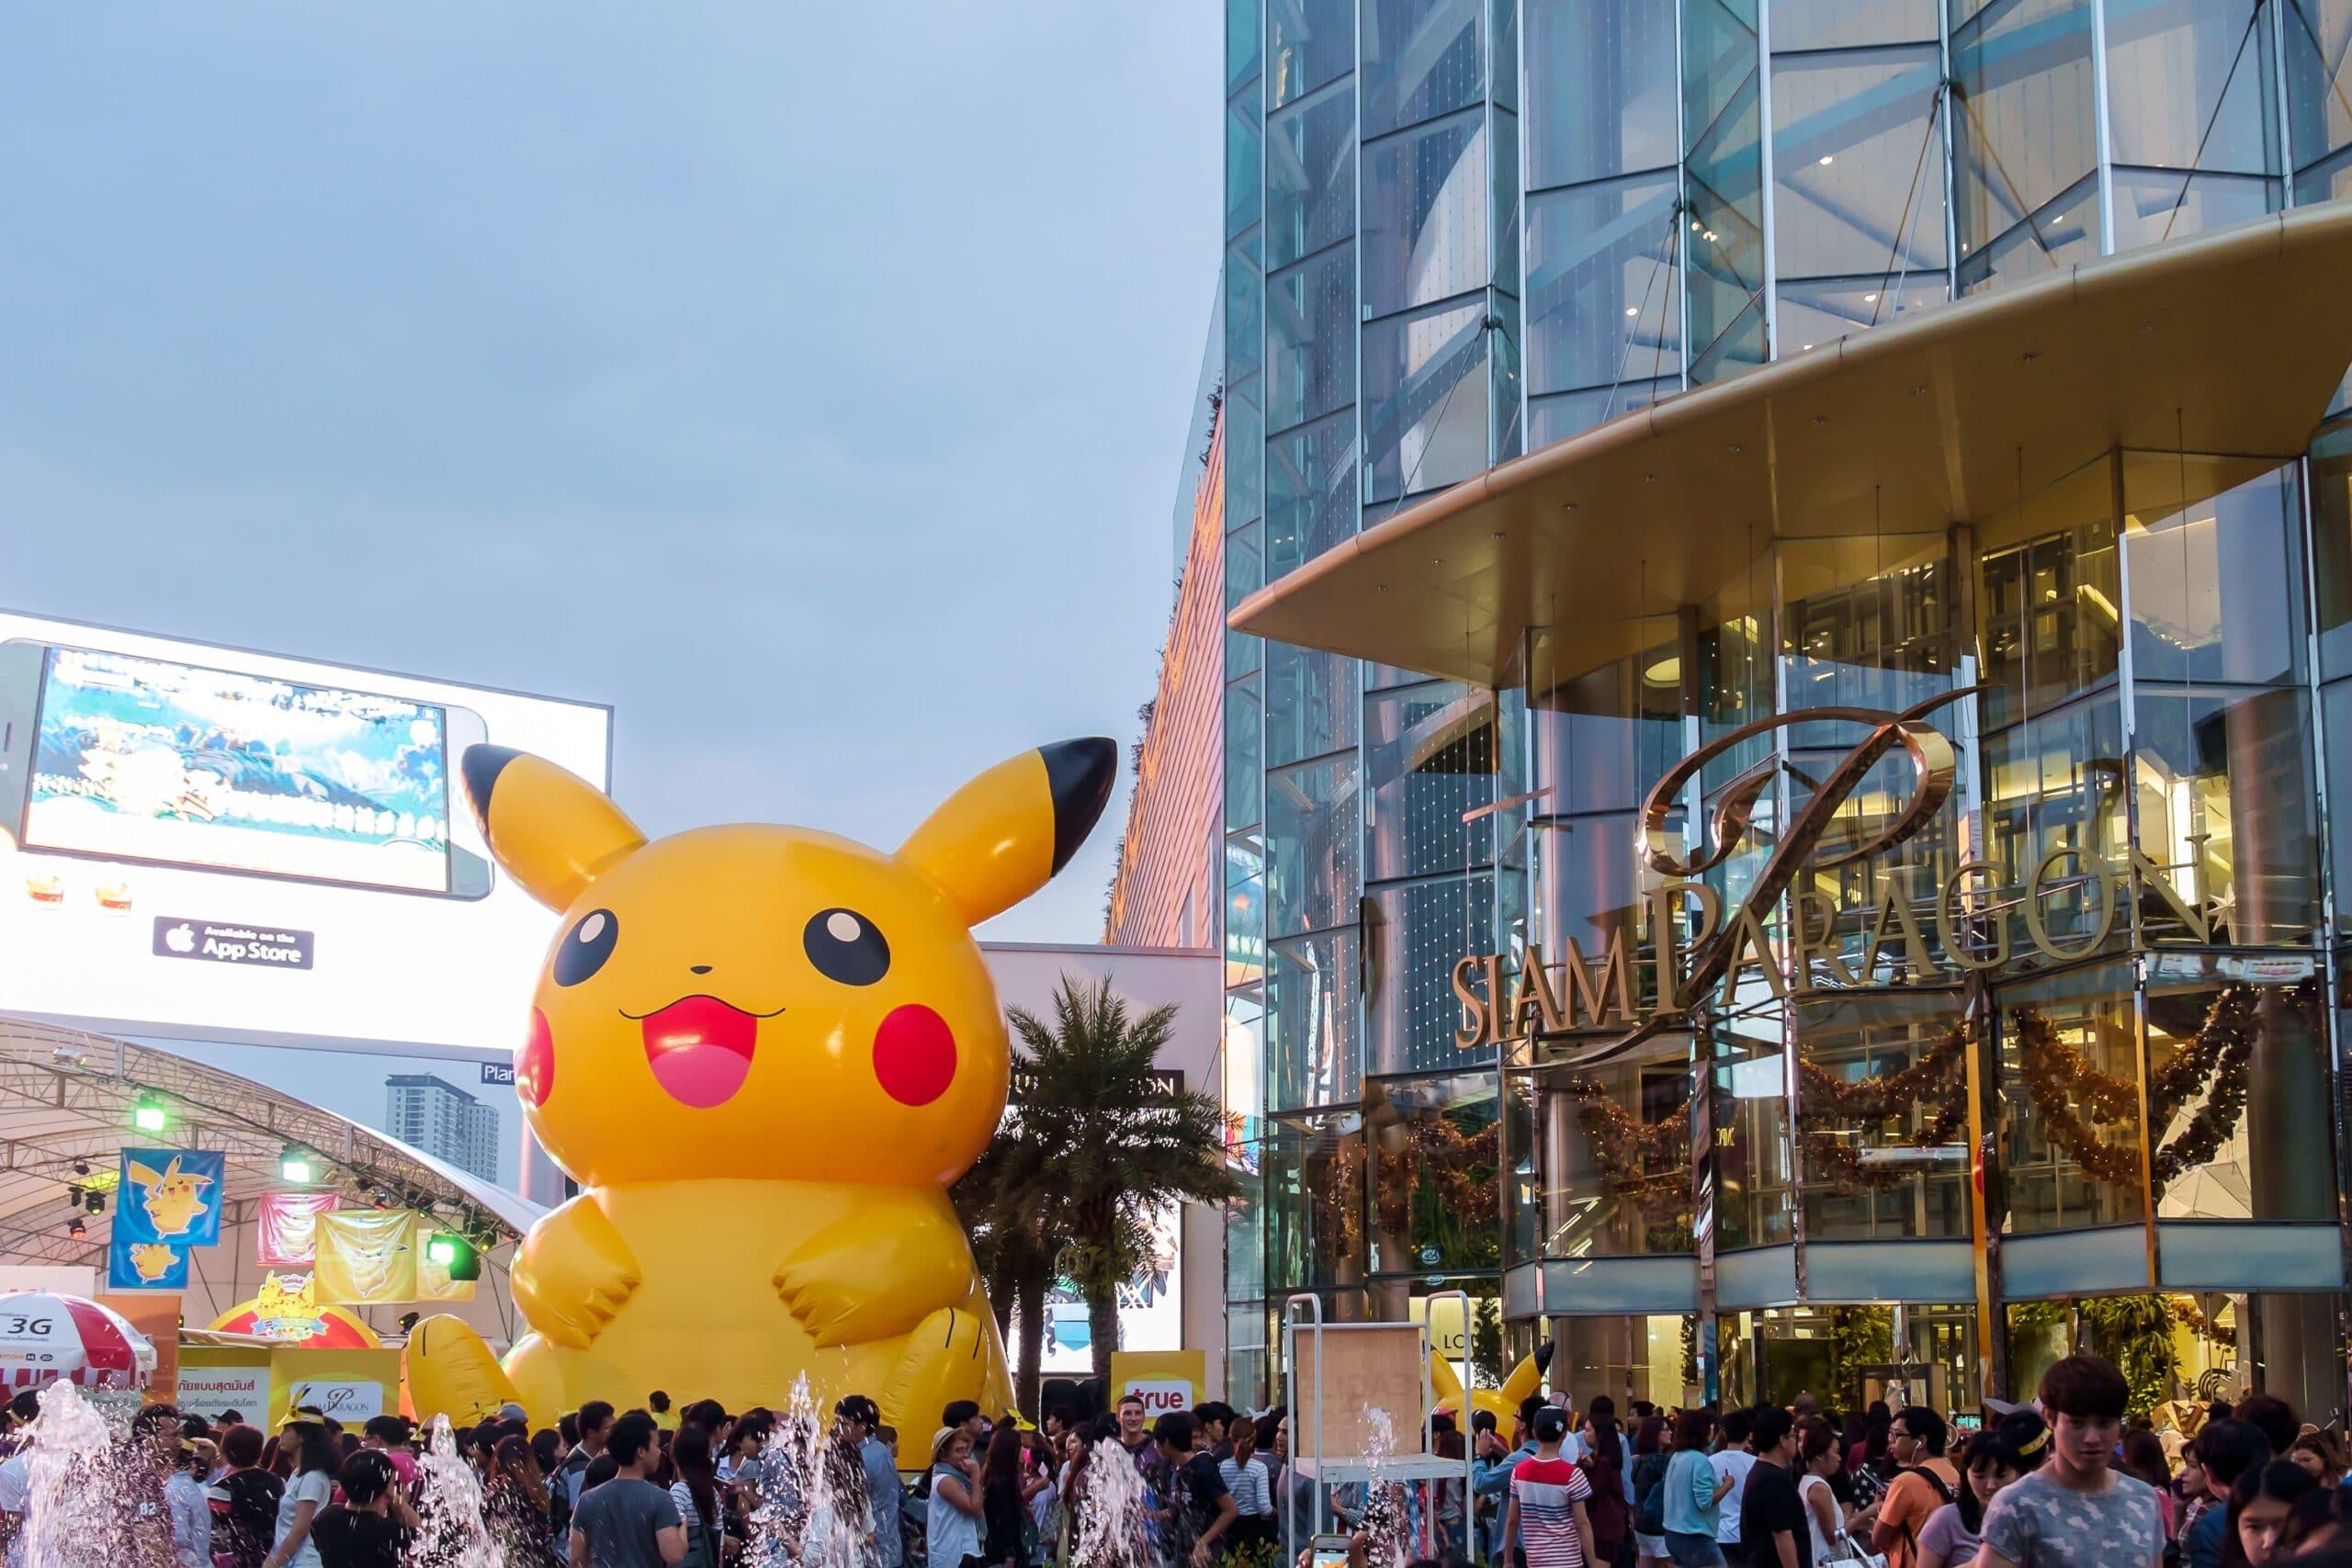 Balão de Pikachu (Pokémon) na rua